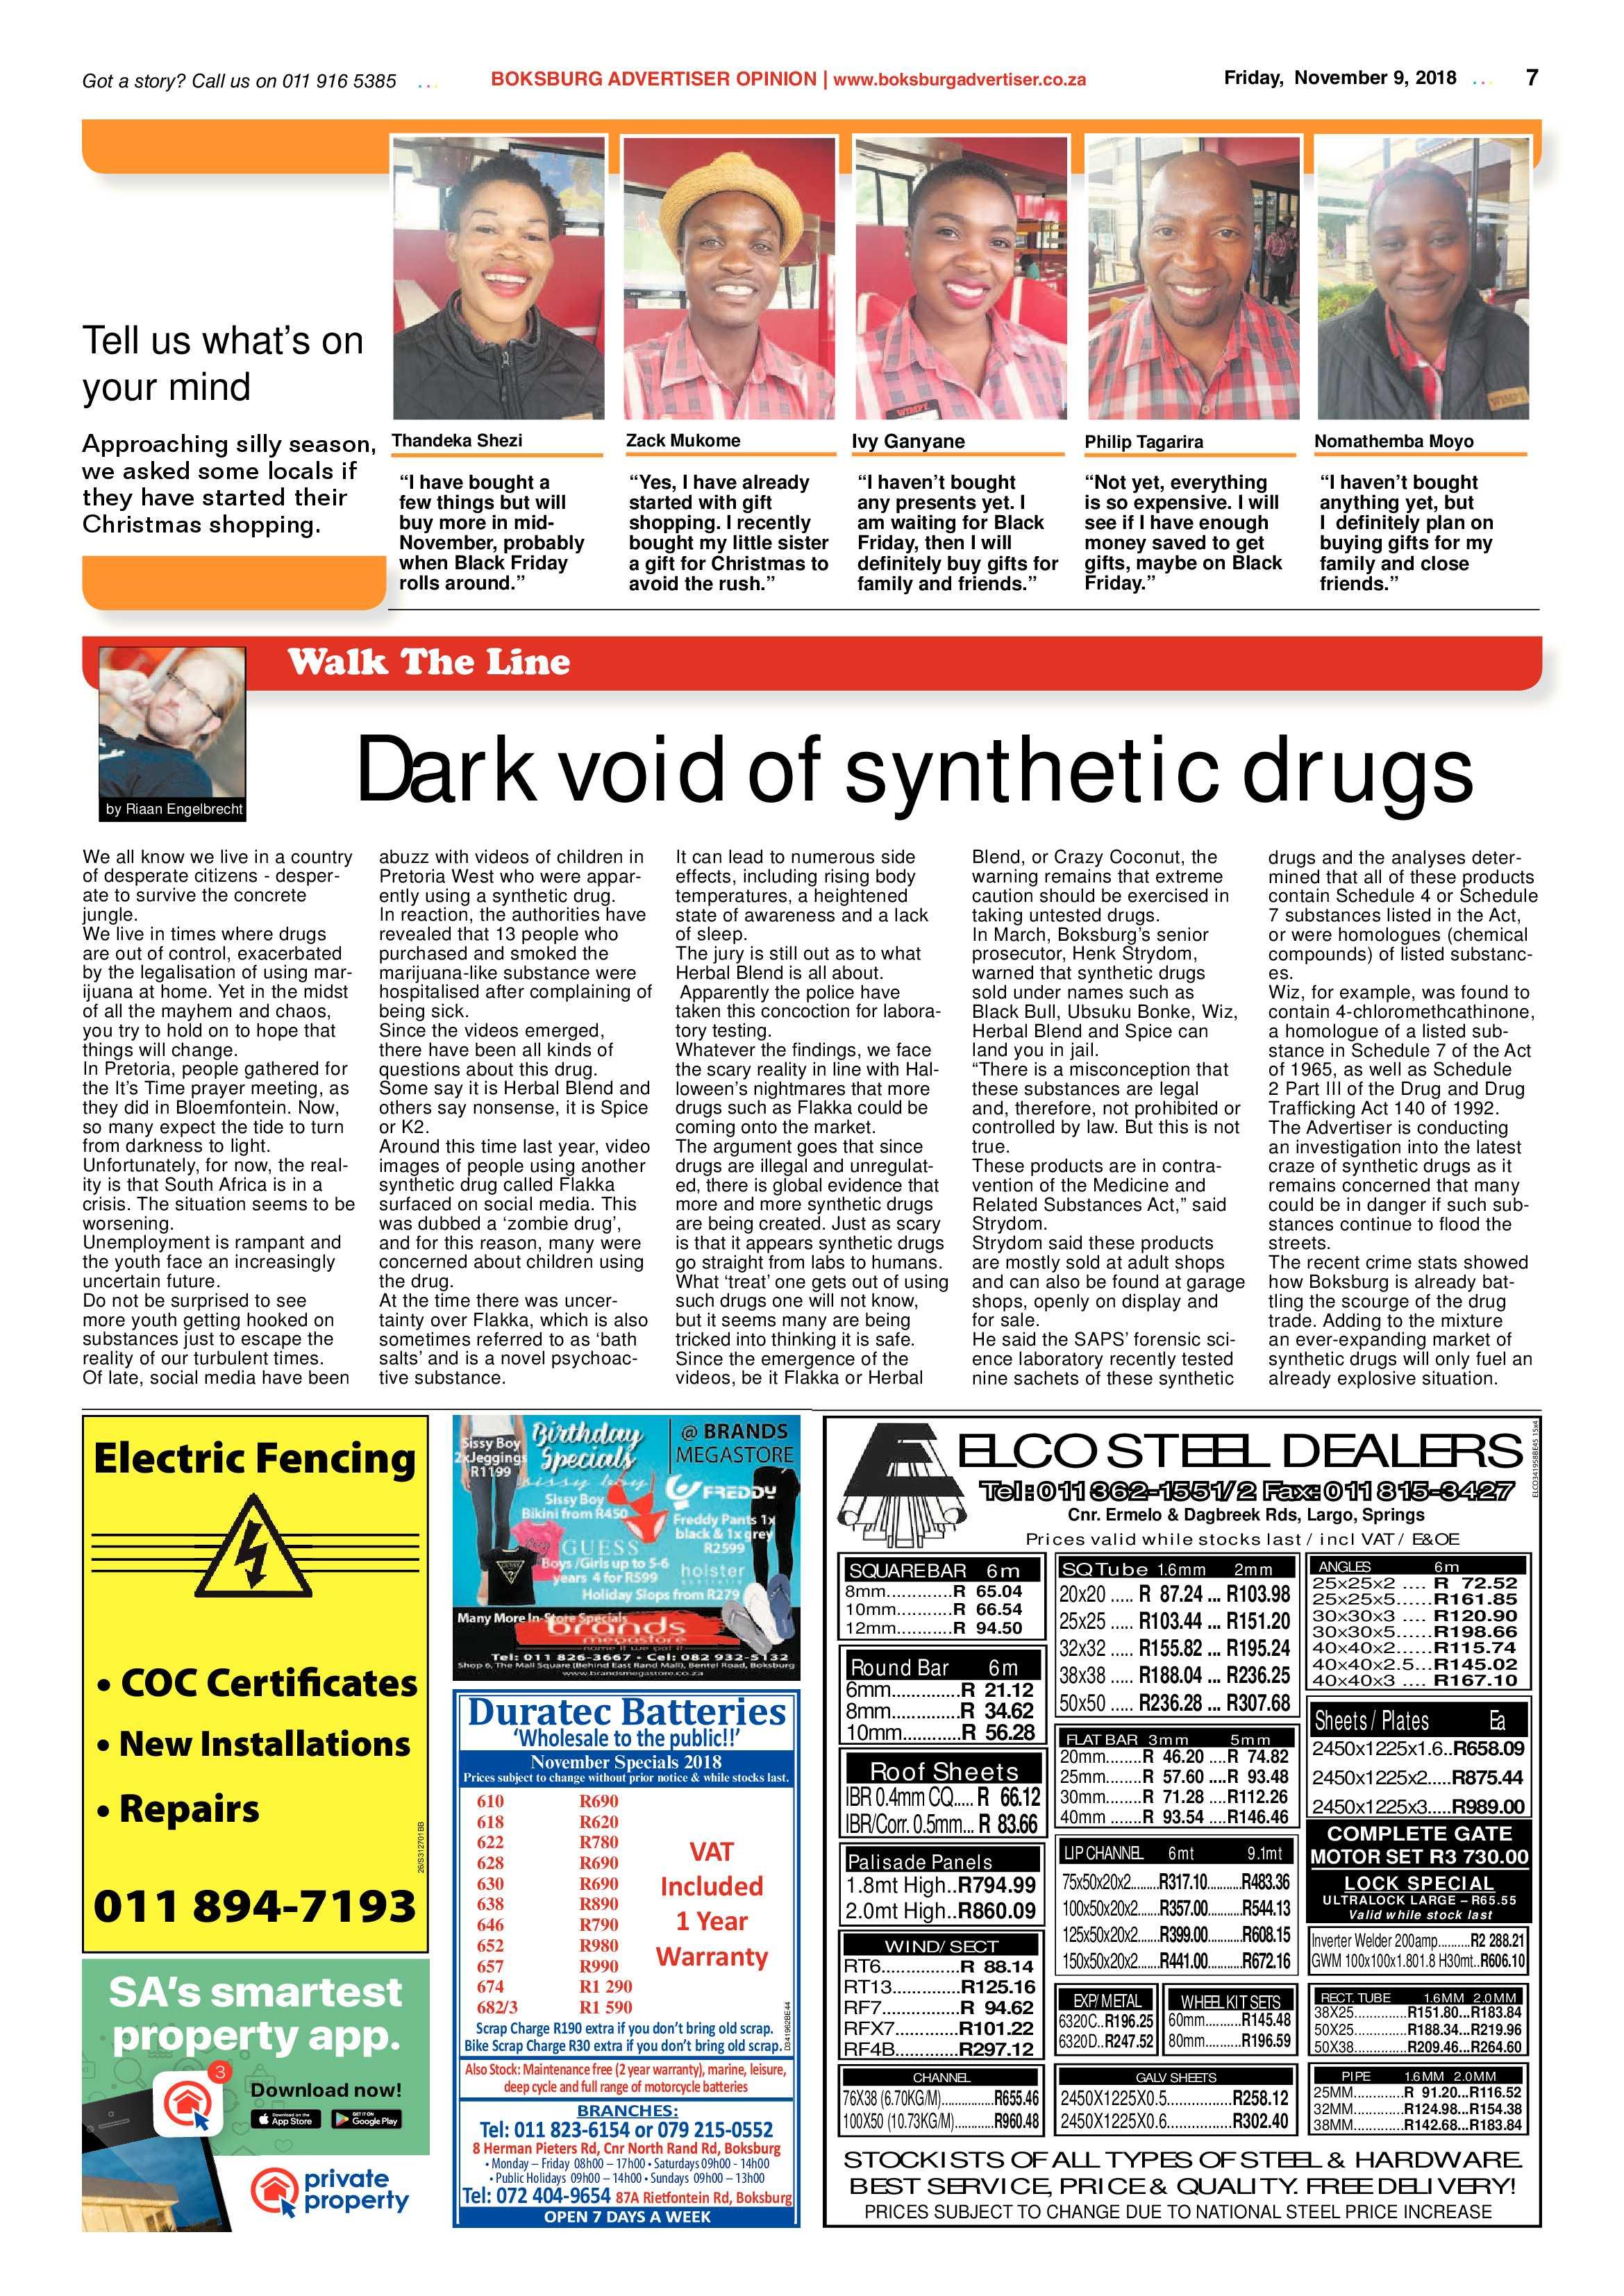 boksburg-advertiser-06-november-2018-epapers-page-7